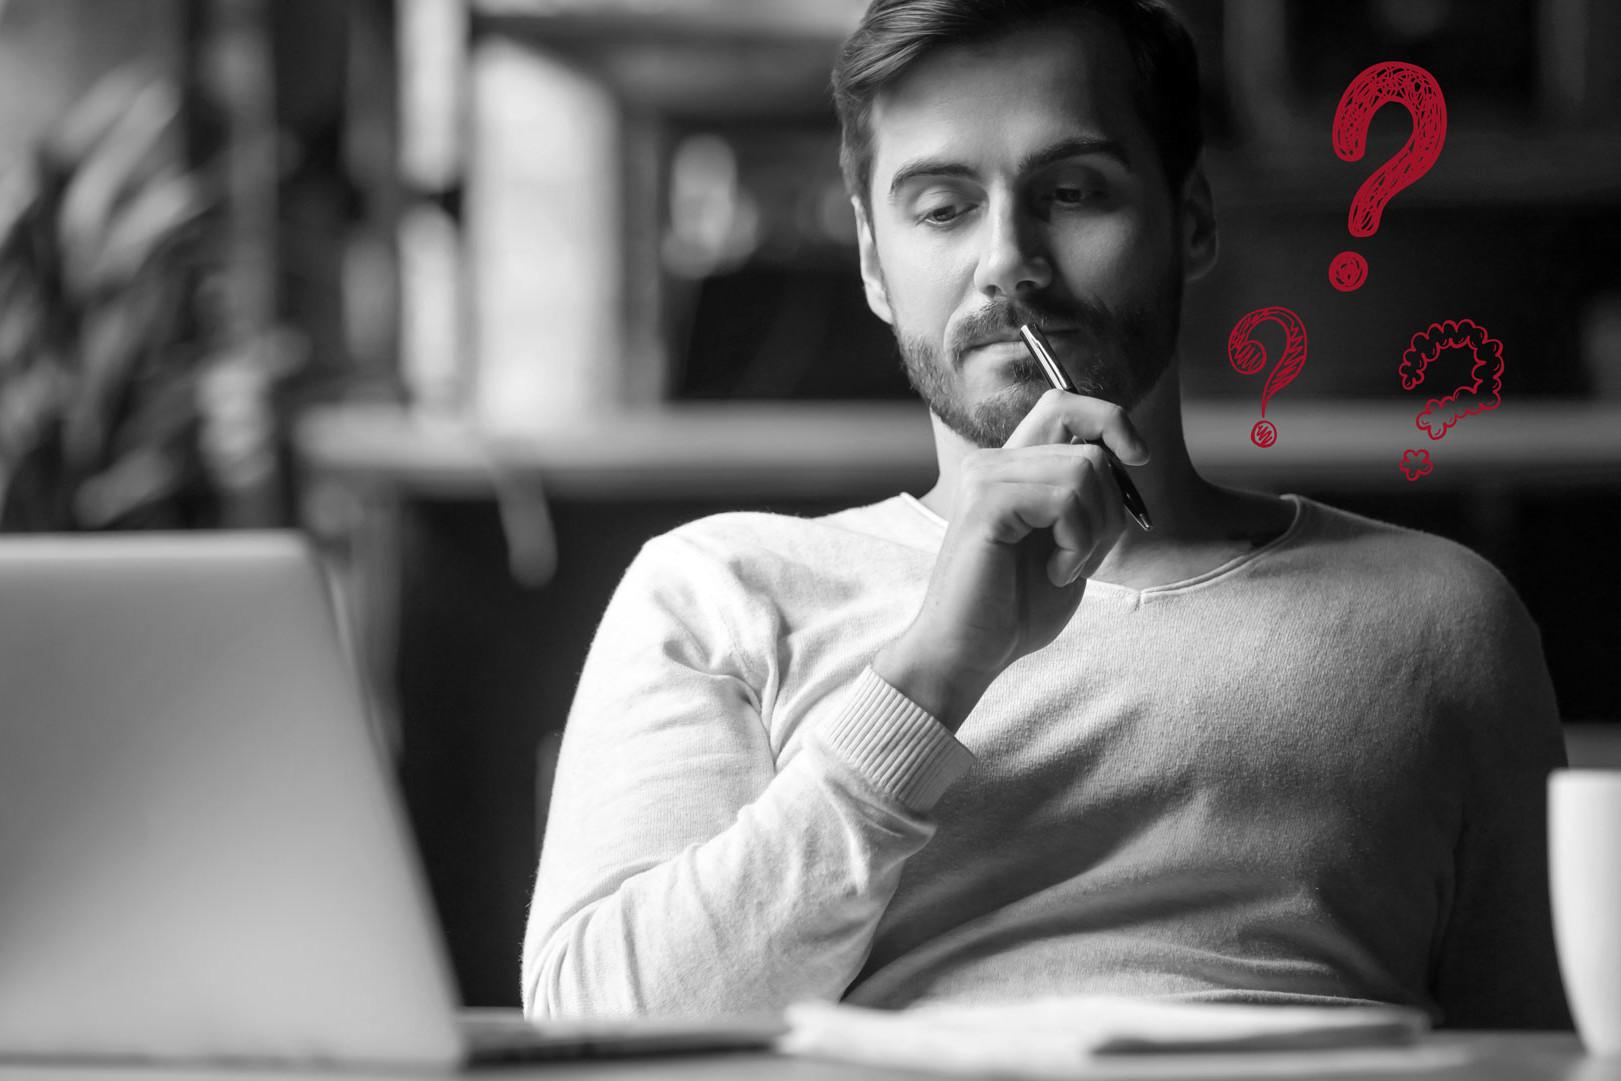 Mann in Denkerpose vor Laptop mit roten Fragezeigen als Sinnbild für die Leadgenerierung versus Branding